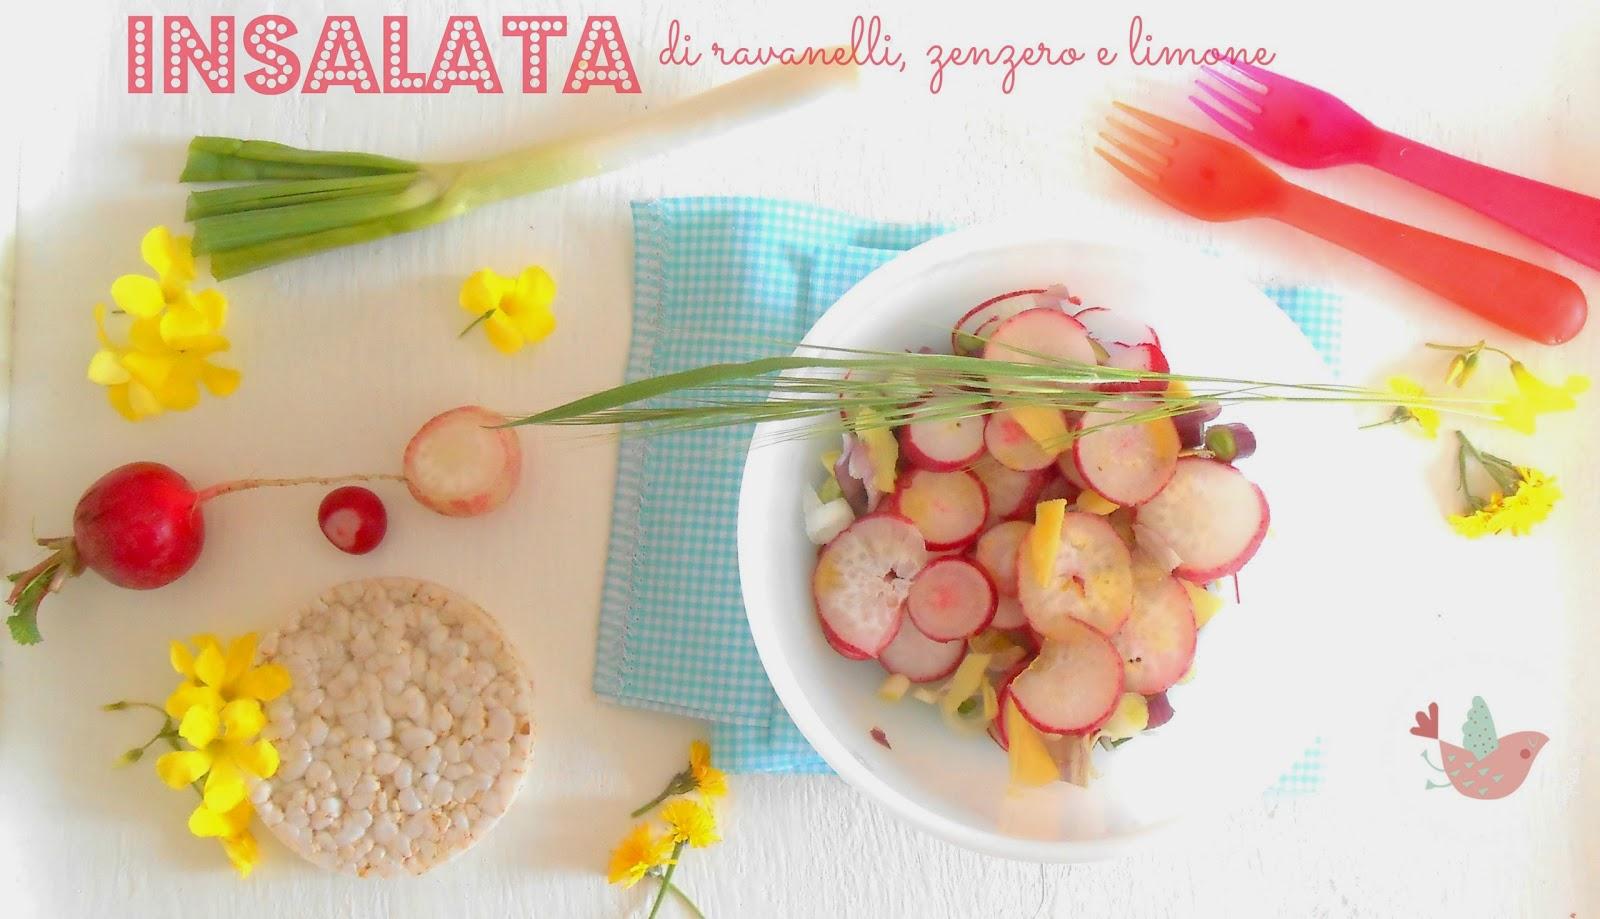 Una meravigliosa insalata, fresca e dai sapori leggermente asiatici. Come sempre, la ricetta qui: www.lacasasullascogliera.net